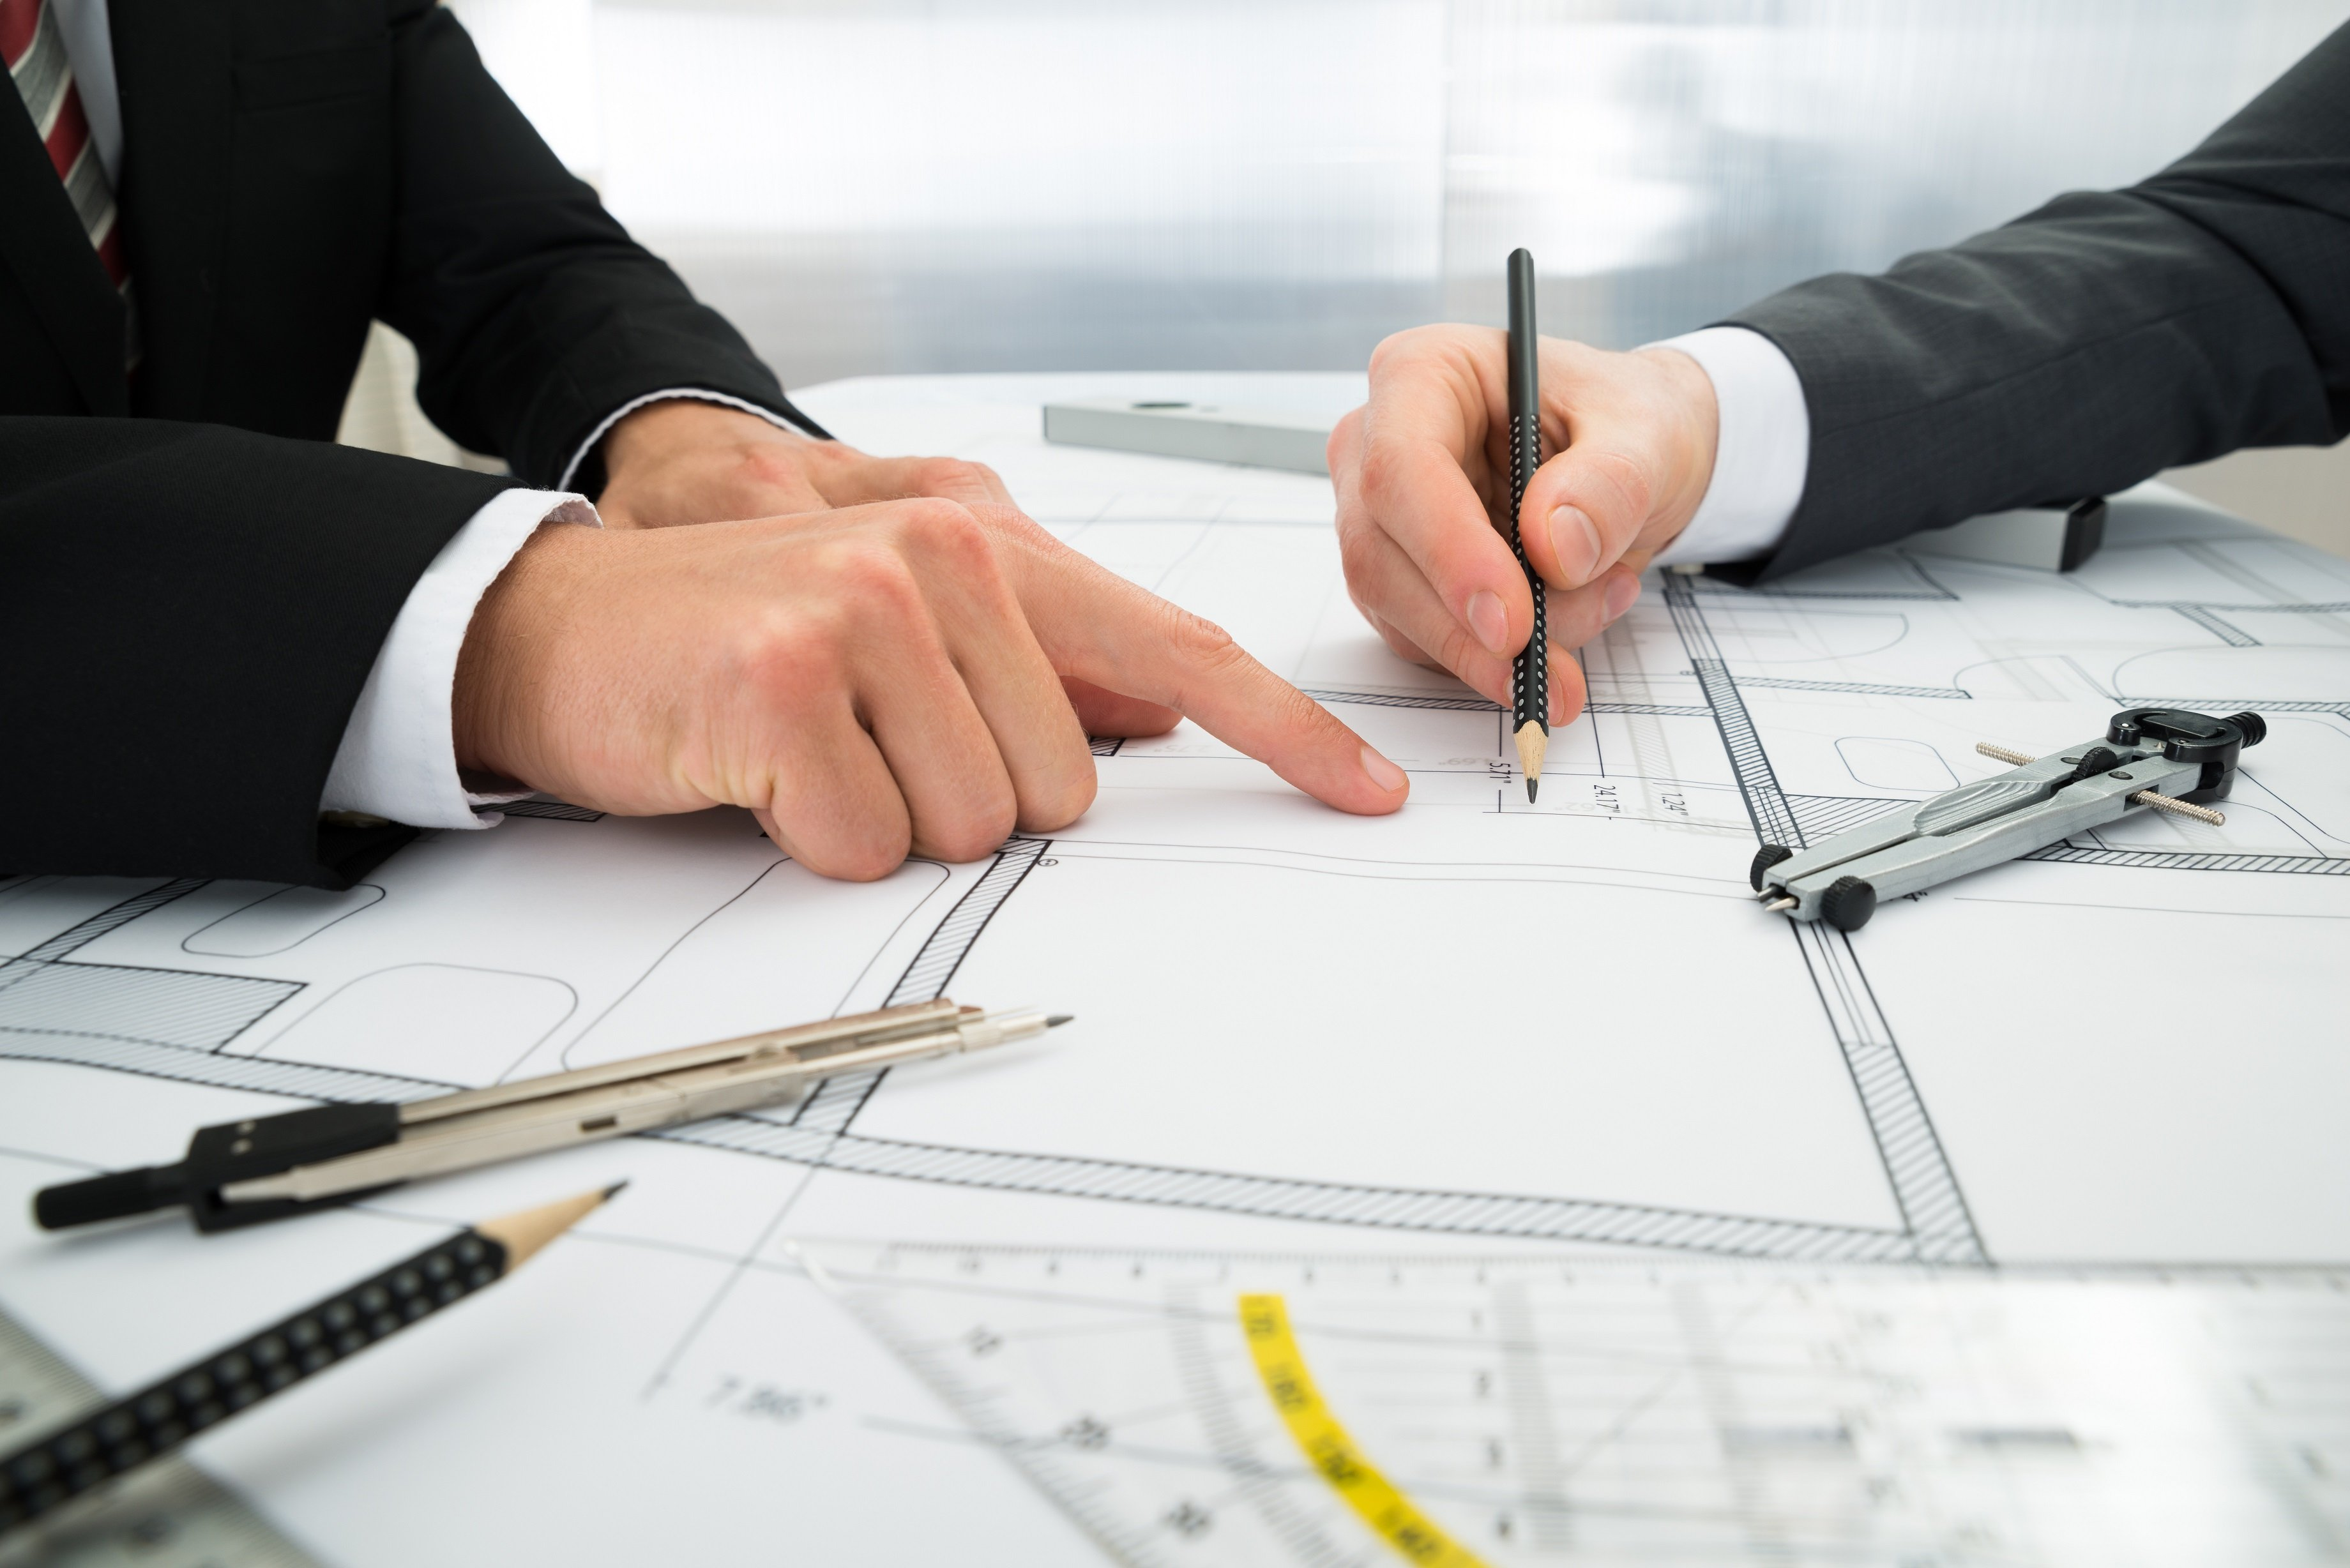 CAD design consultants